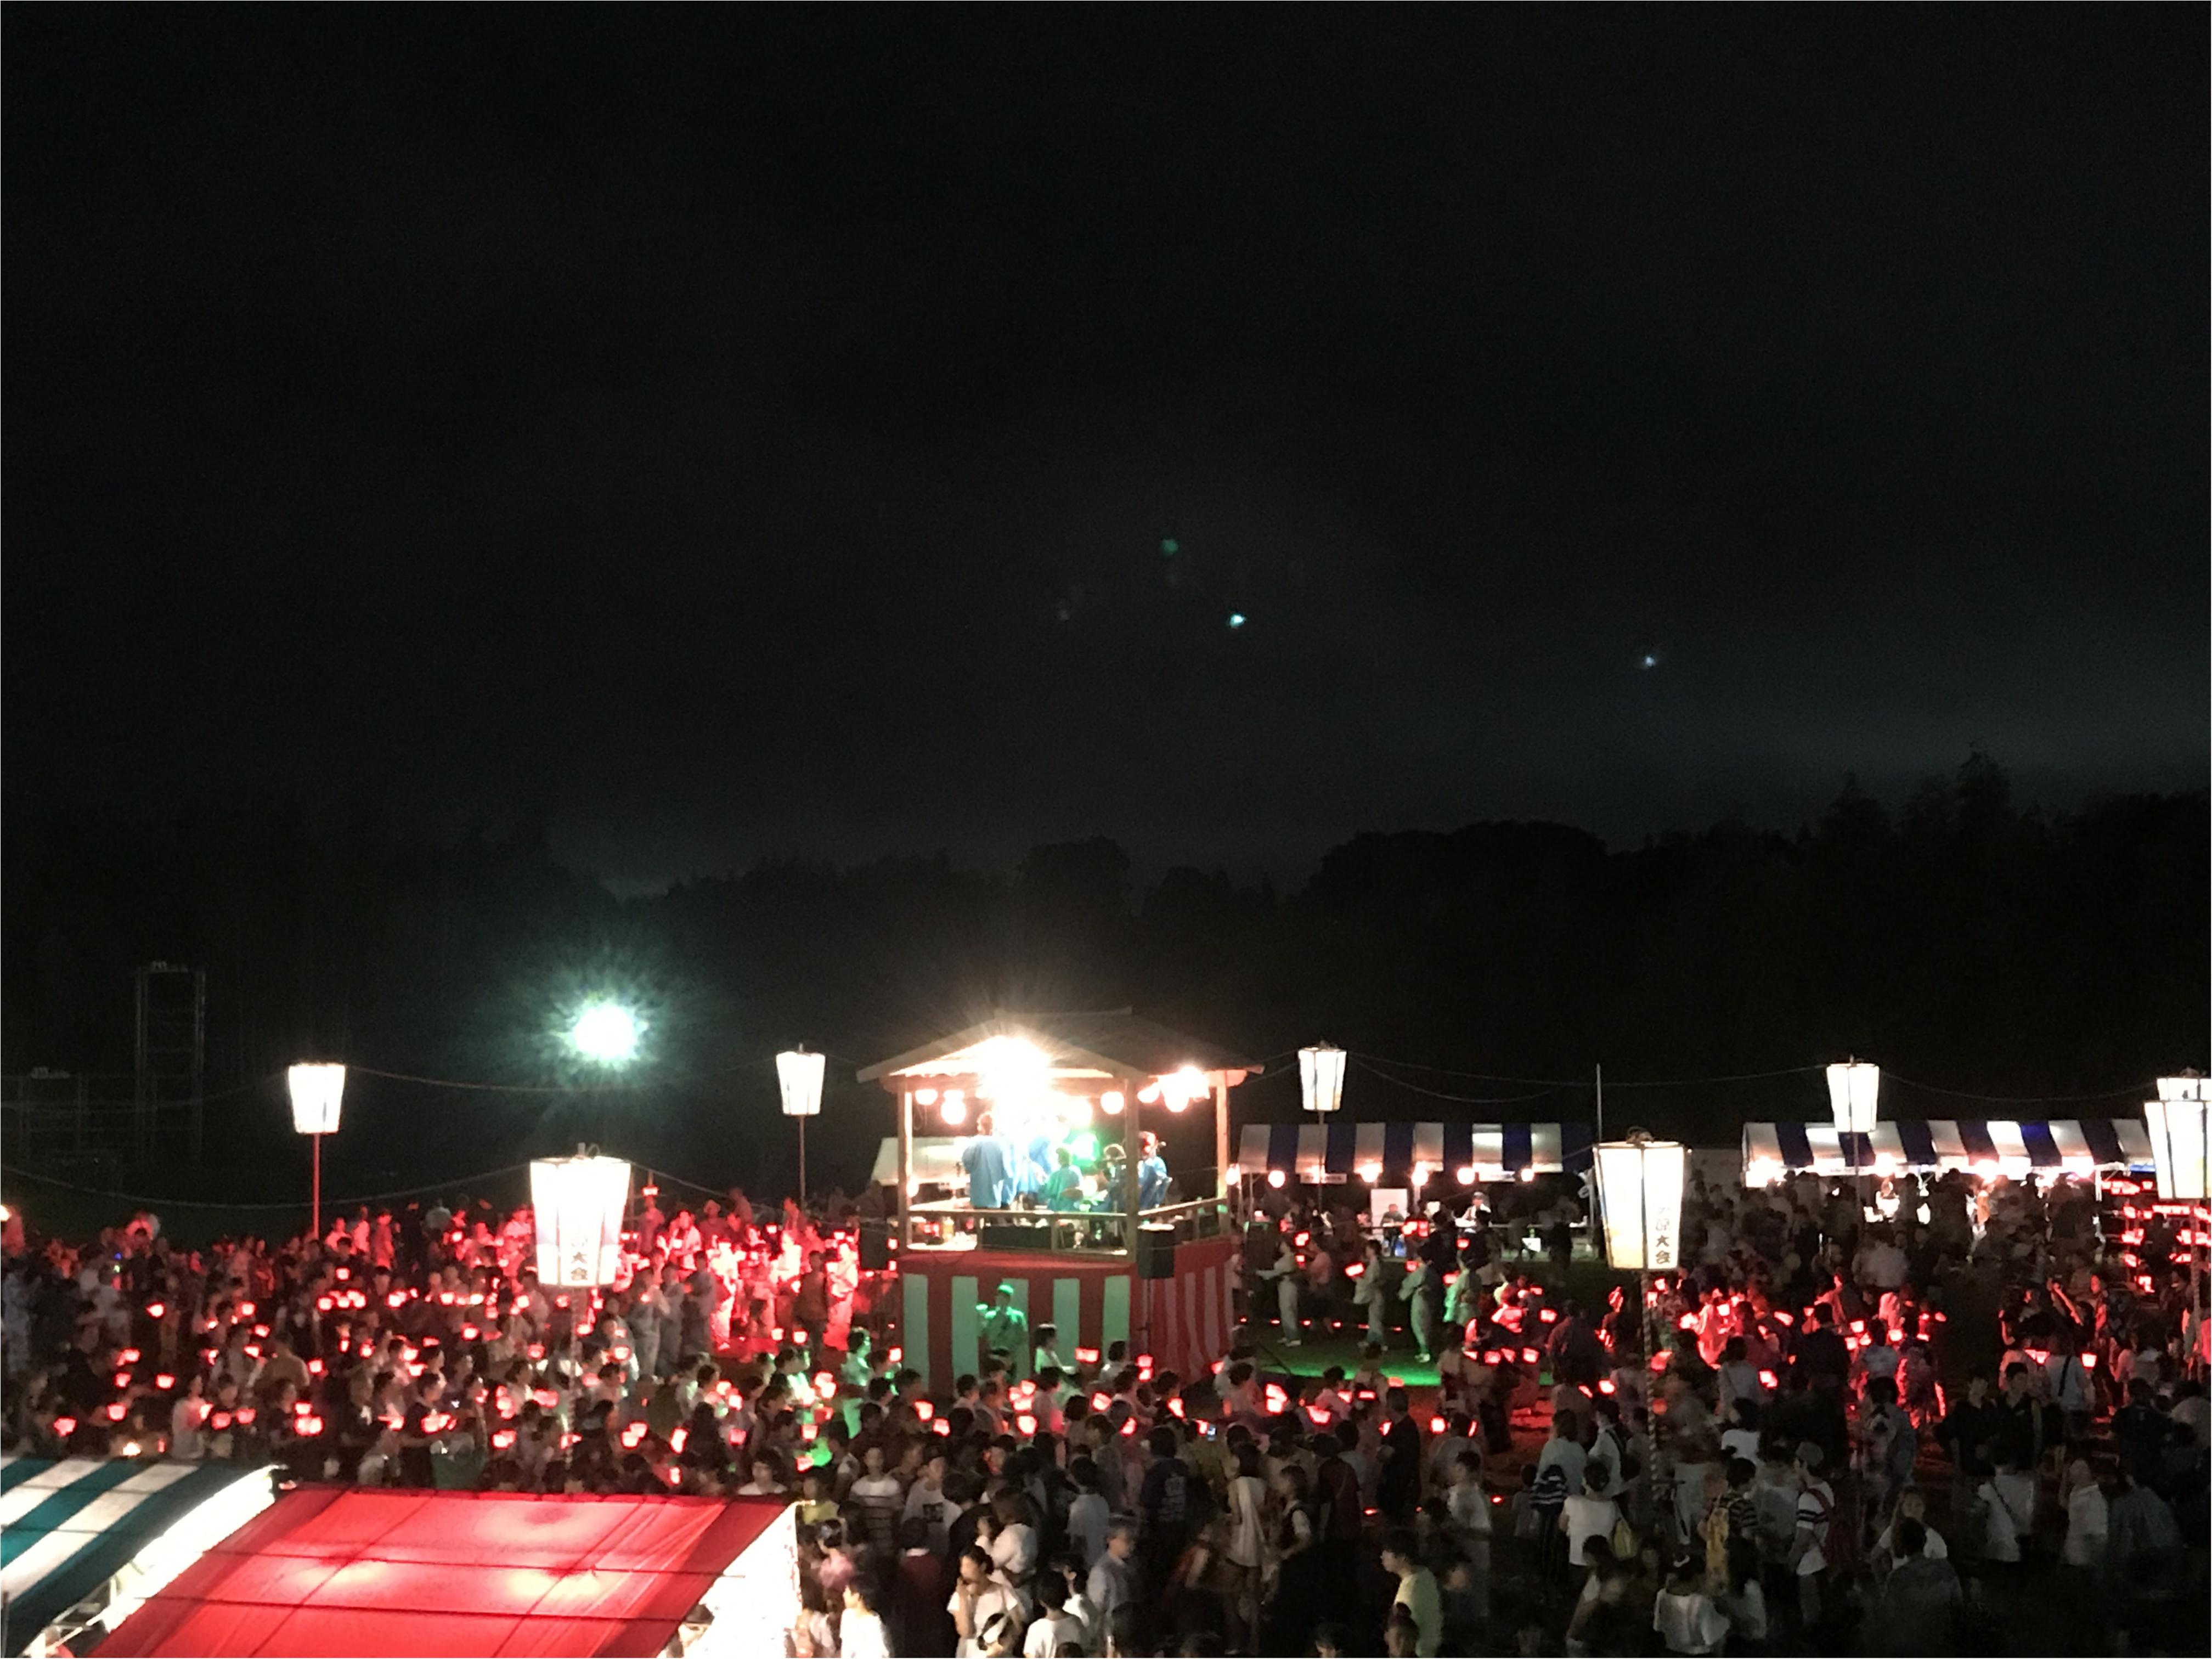 【お祭り】地元のお祭りは一味違う!名産を使ってお祭りを彩るよー!_2